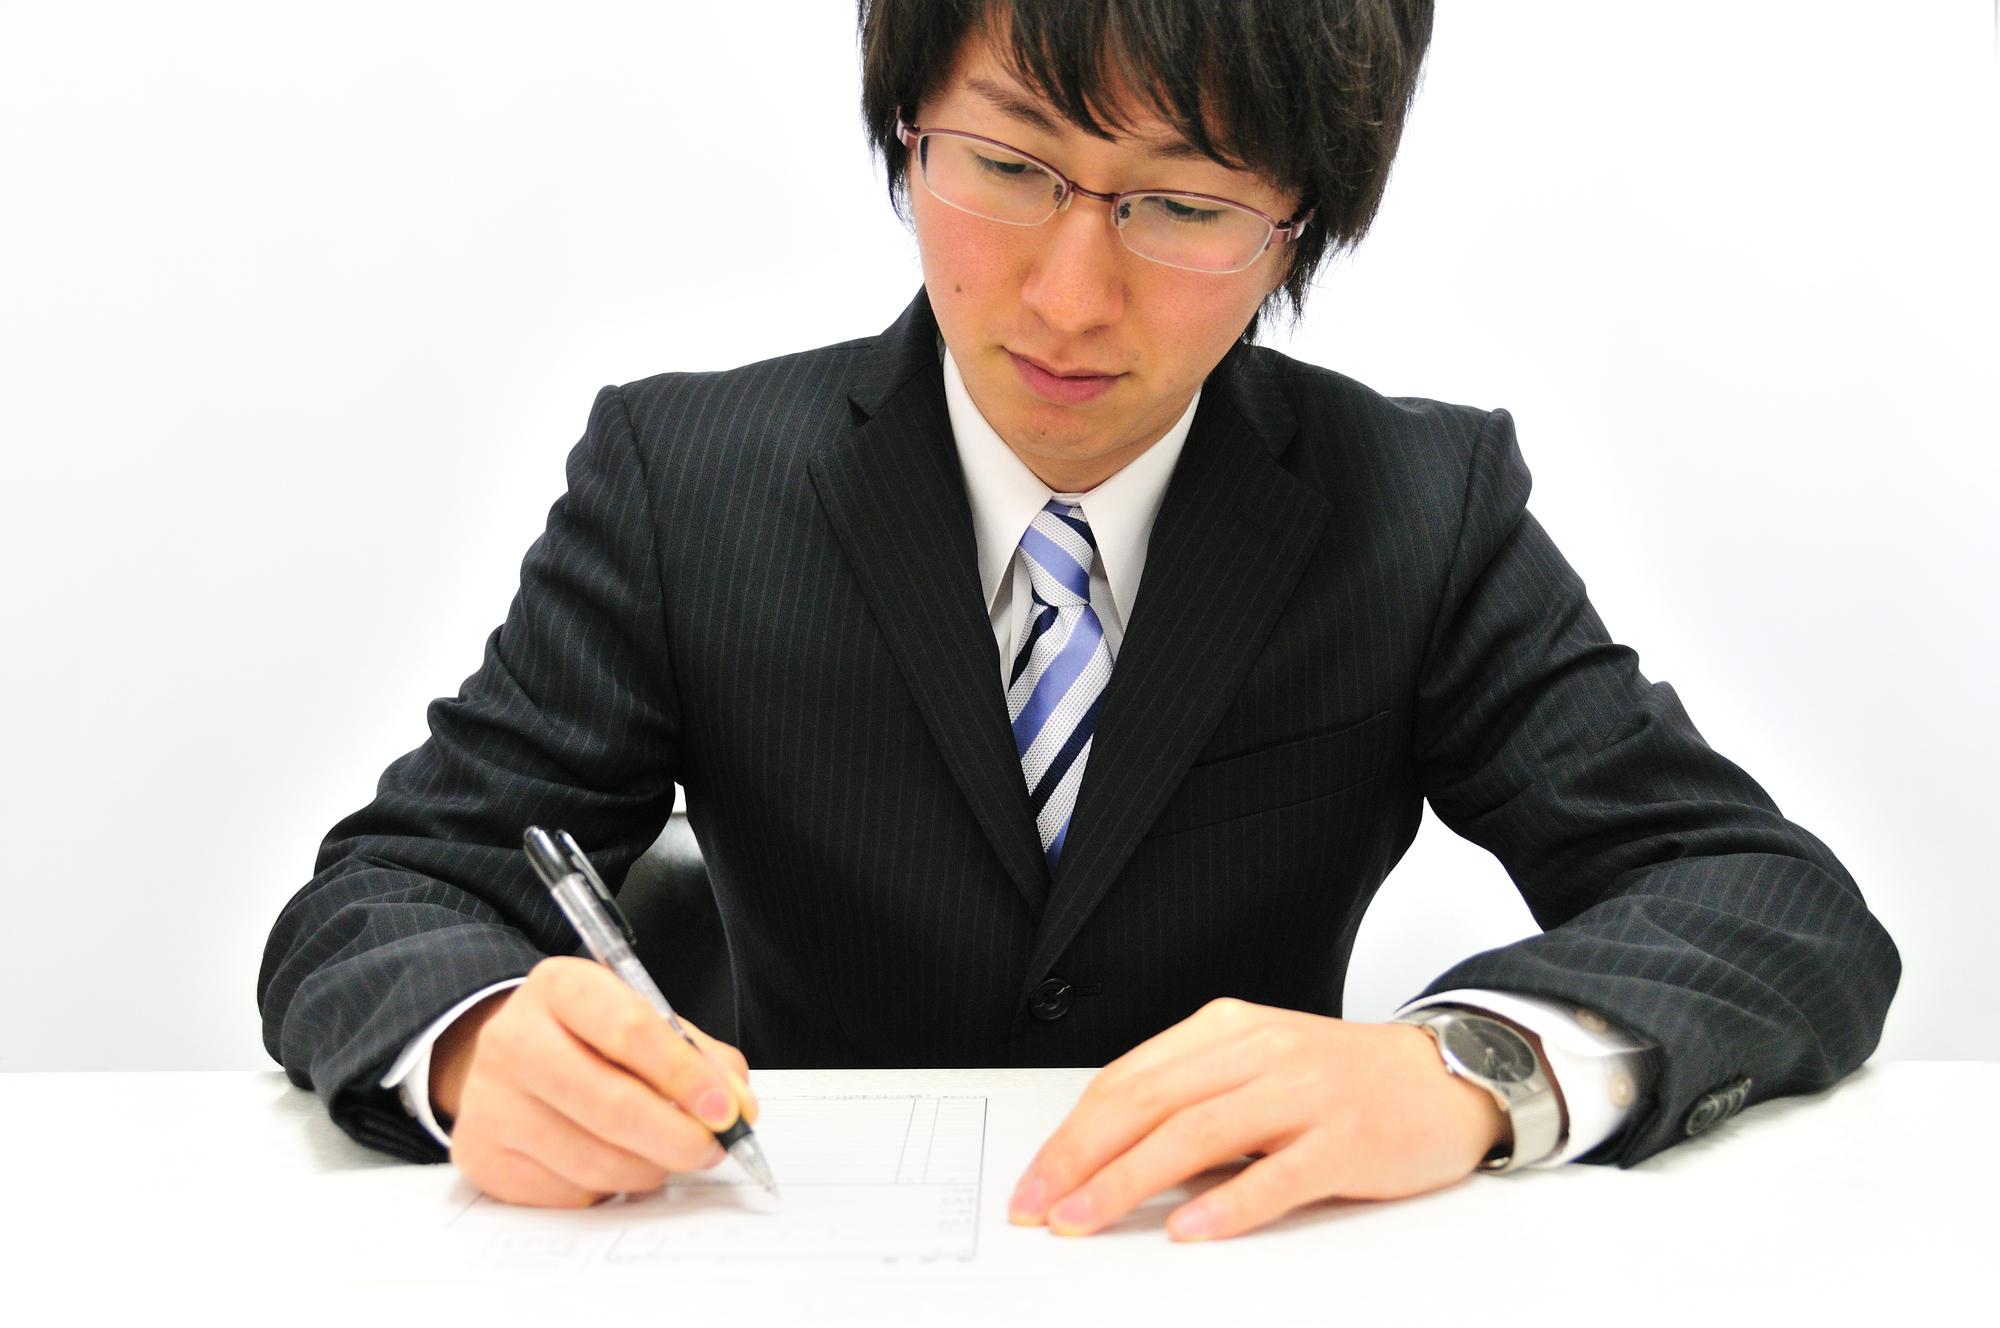 ベンチャー企業に転職するときの志望動機は?書き方と例文を紹介!